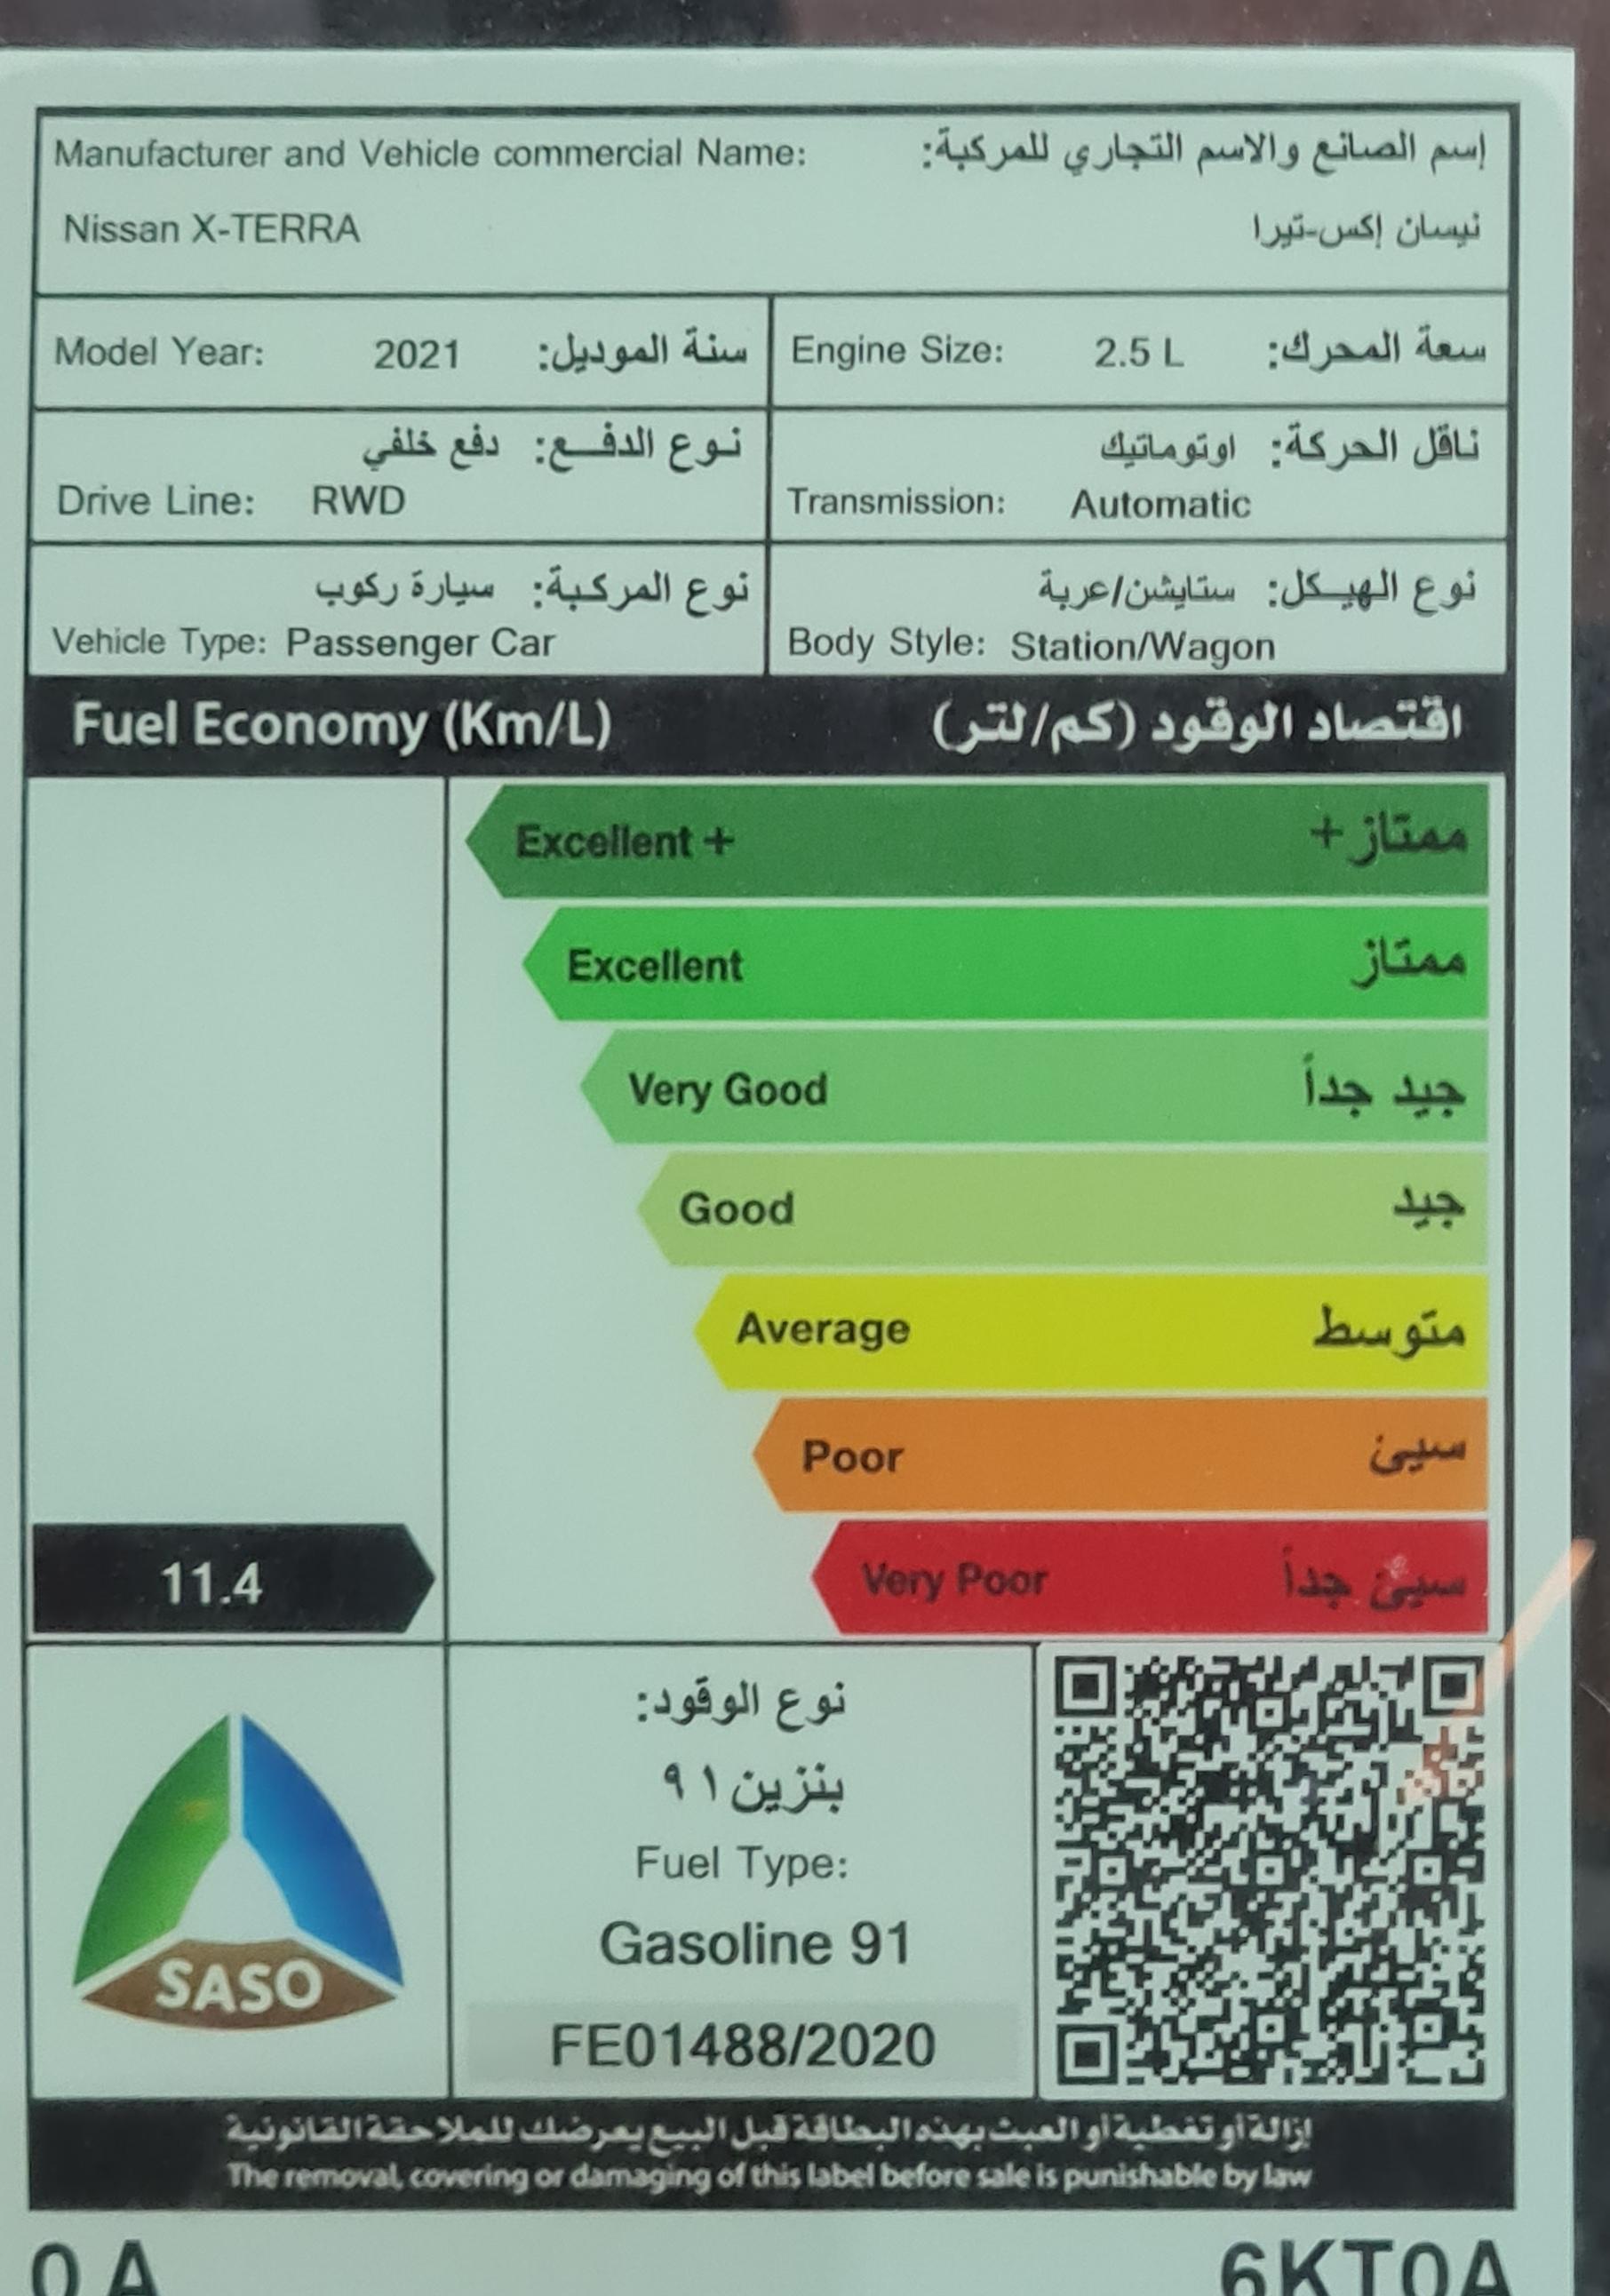 نيسان اكستيرا 2021 ستاندر سعودي جديد للبيع في الرياض - السعودية - صورة كبيرة - 6